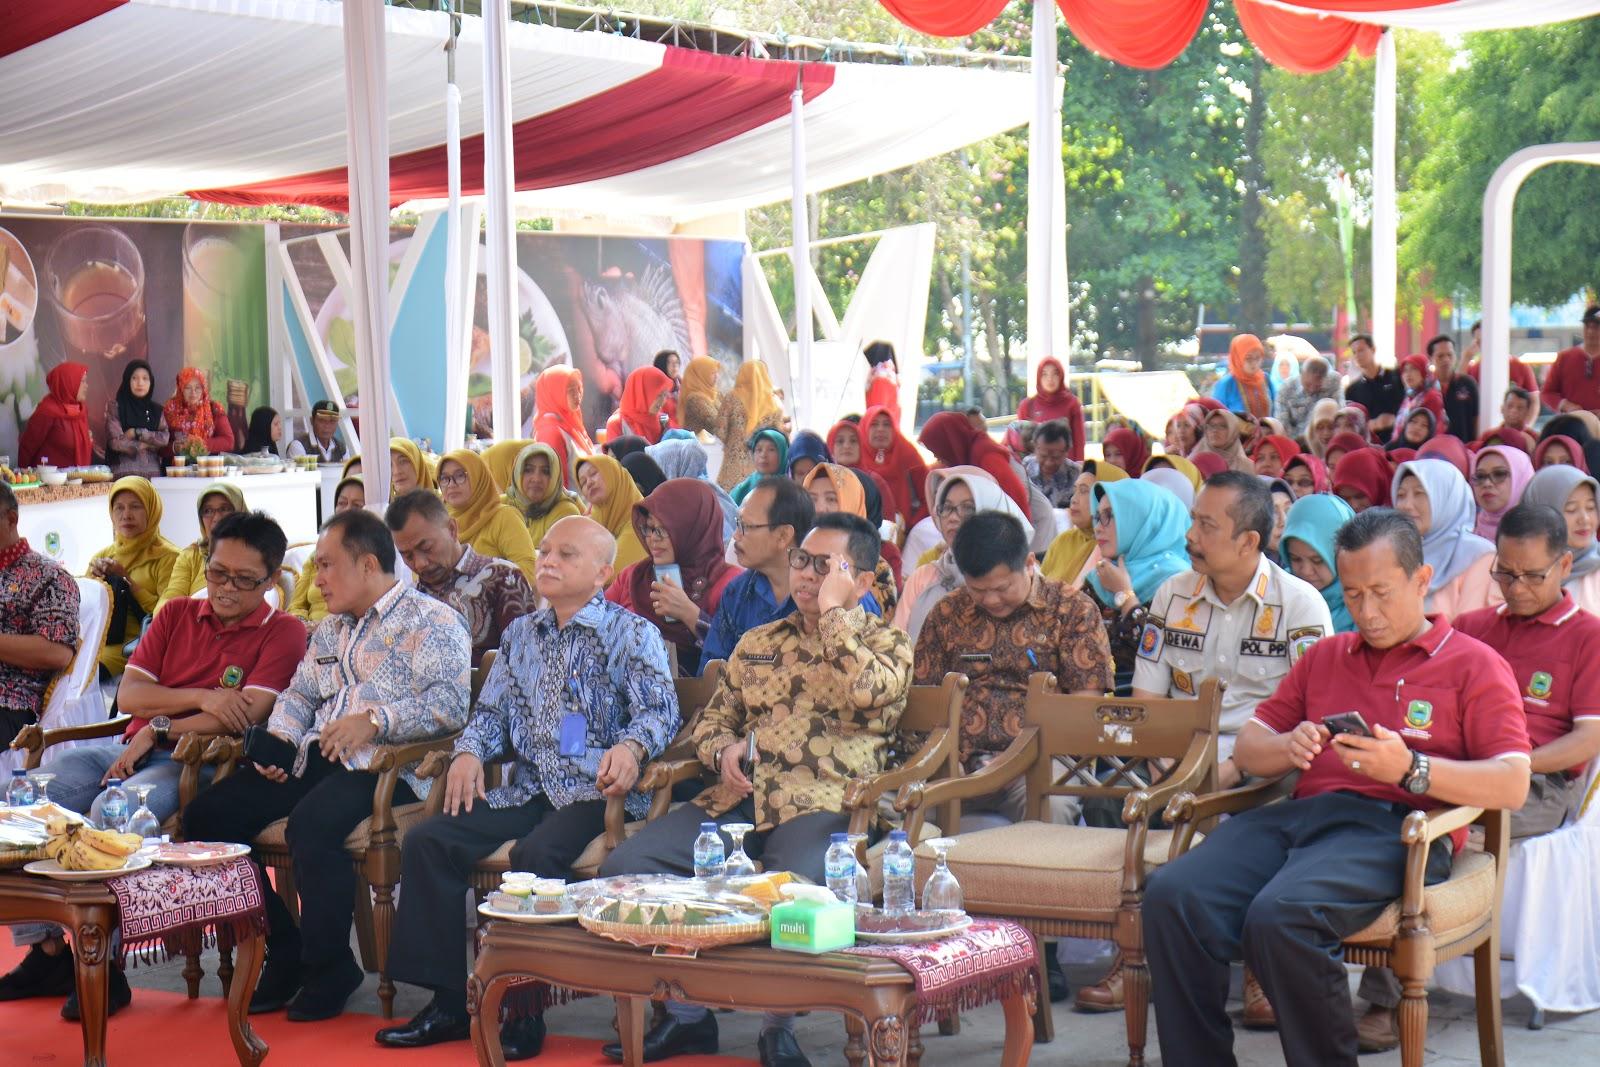 Peringatan Hari Pangan Sedunia Hps Ke 39 Tingkat Kabupaten Kuningan Pemerintah Kabupaten Kuningan